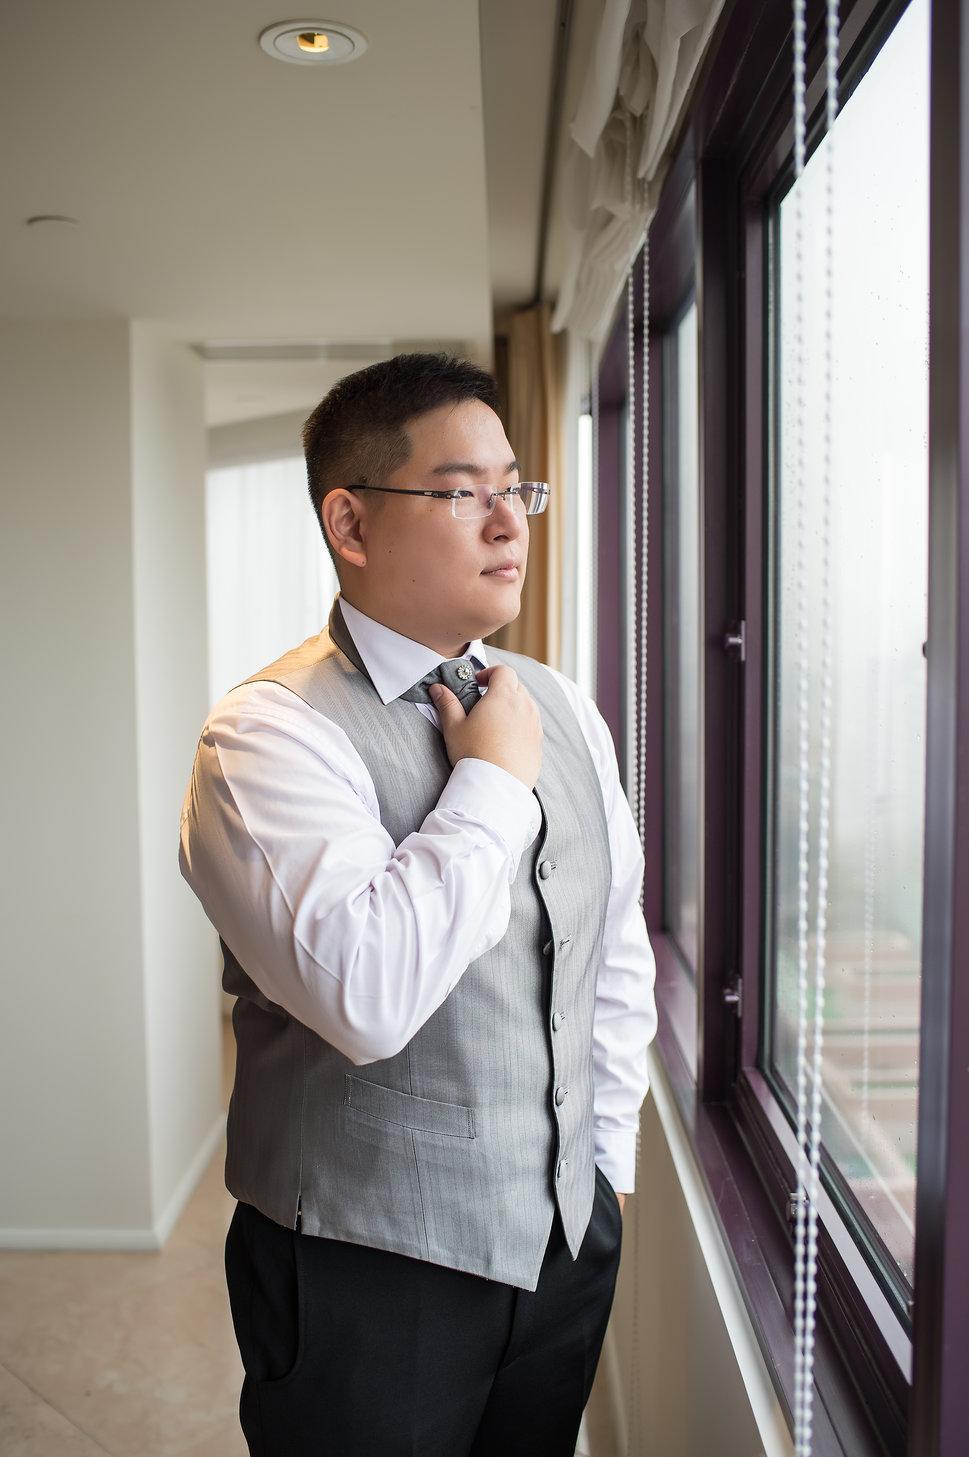 [台北婚攝] 文定婚禮紀錄 台北君悅酒店(編號:432005) - LoveStoryAllen IMAGE - 結婚吧一站式婚禮服務平台